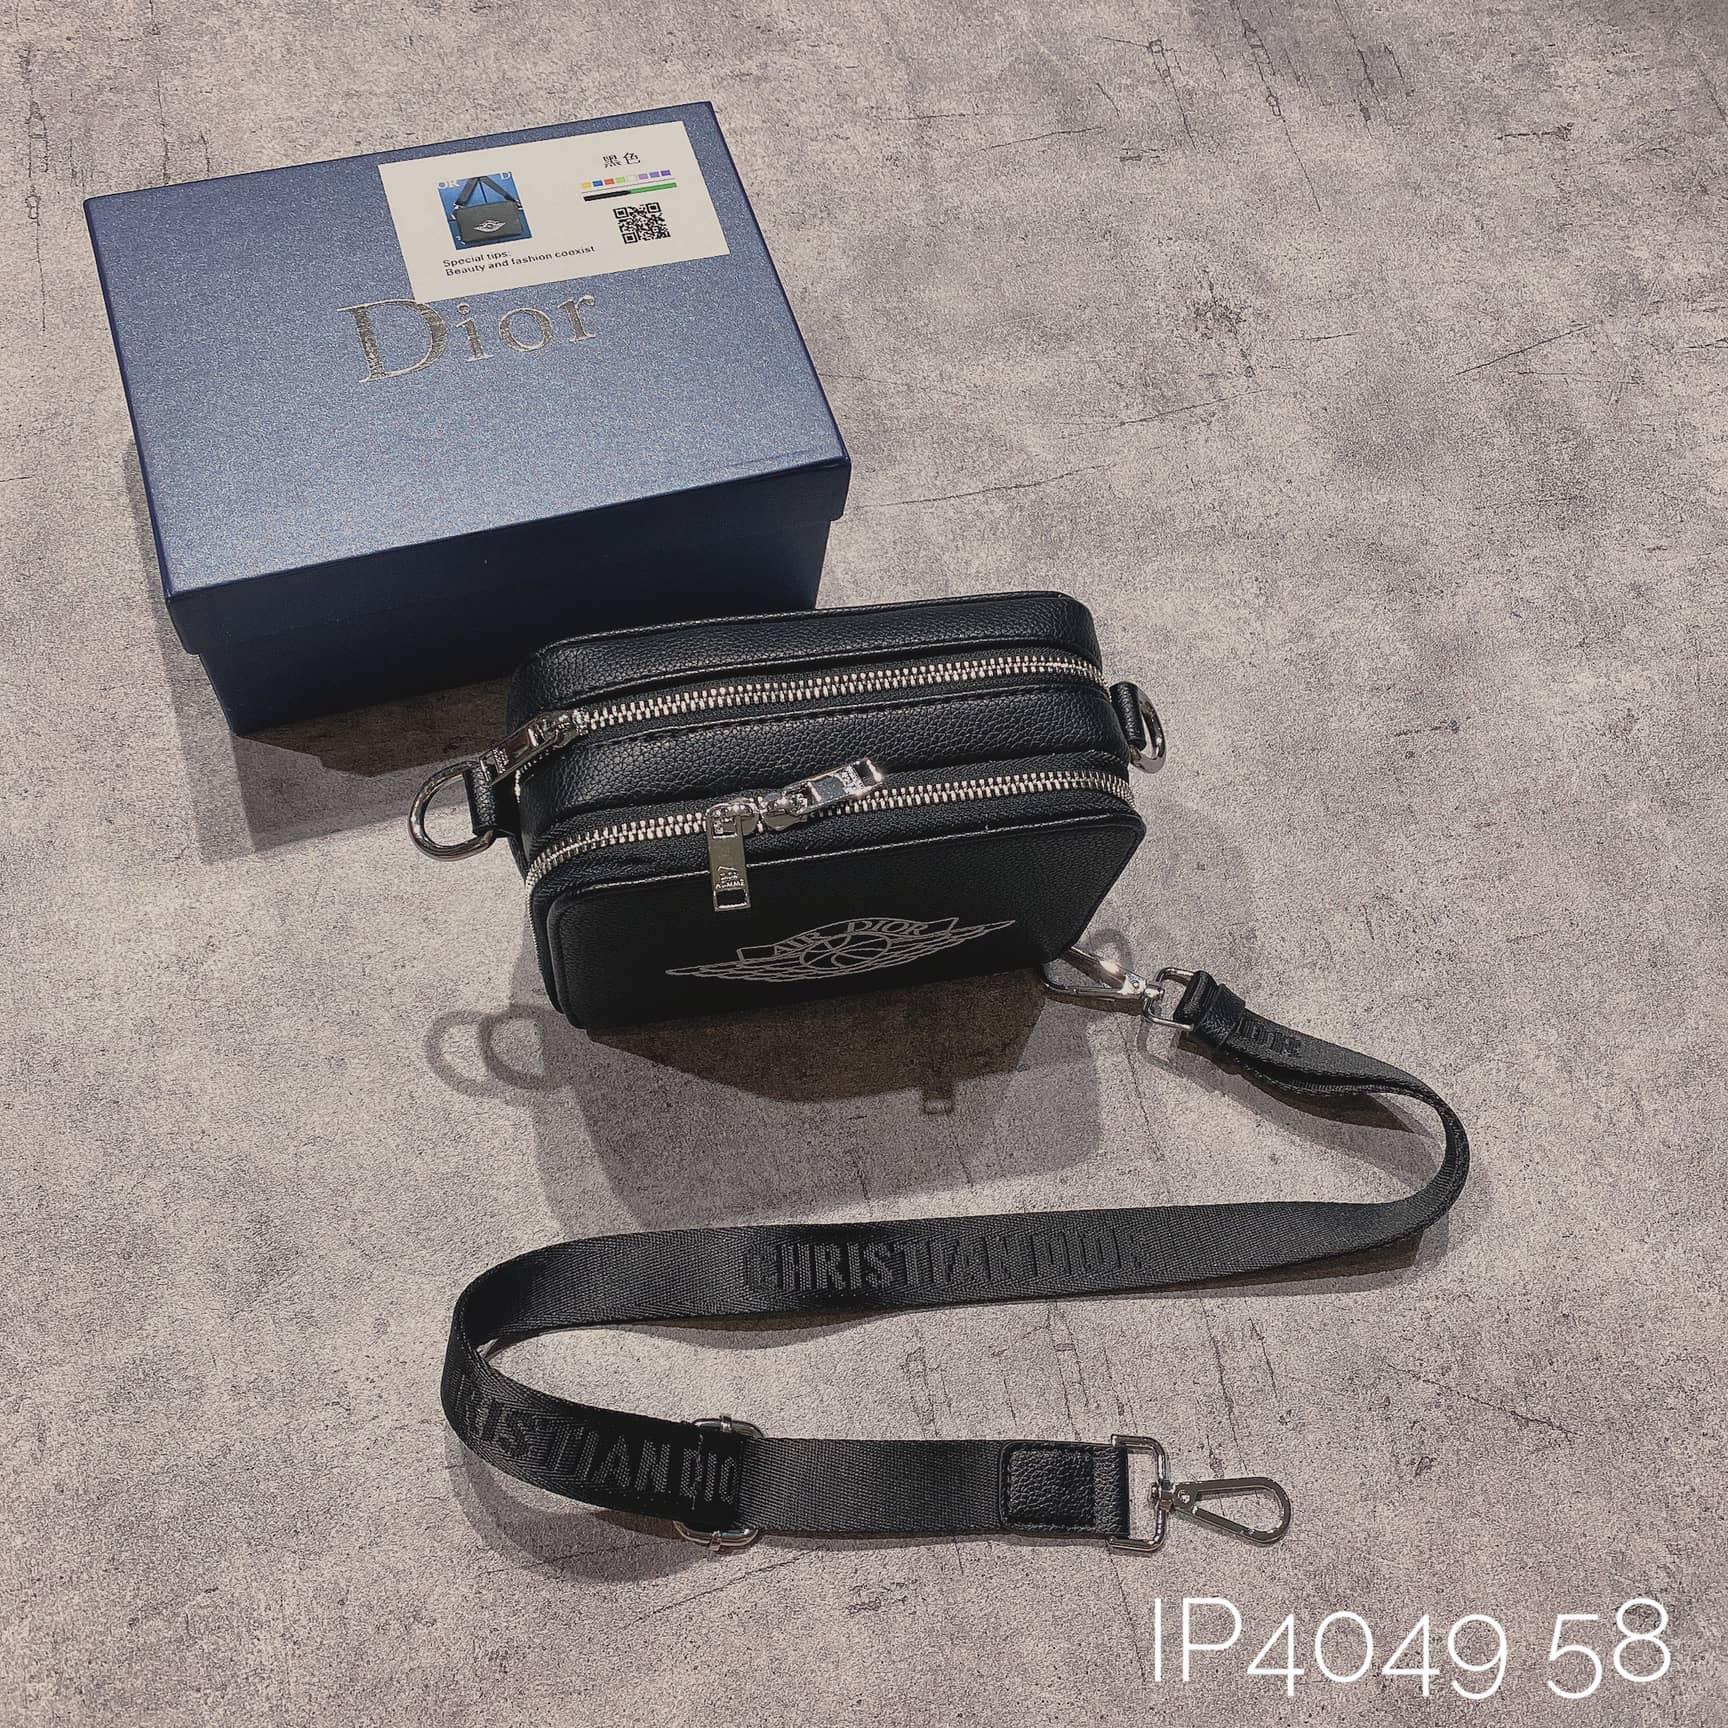 TÚI IP4049